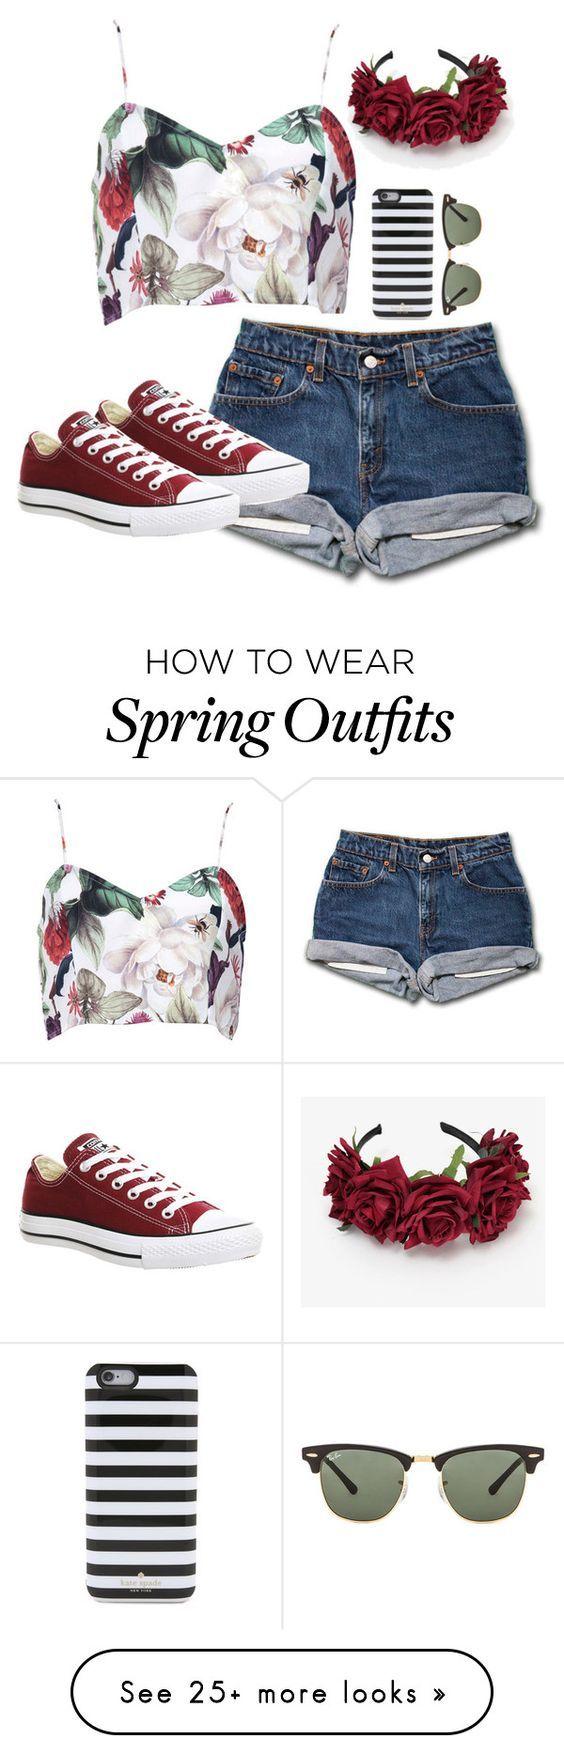 7 Super-Freche Sommer-Outfit Ideen Möchten Sie Vielleicht, um zu Versuchen! // … – Frisuren Haare